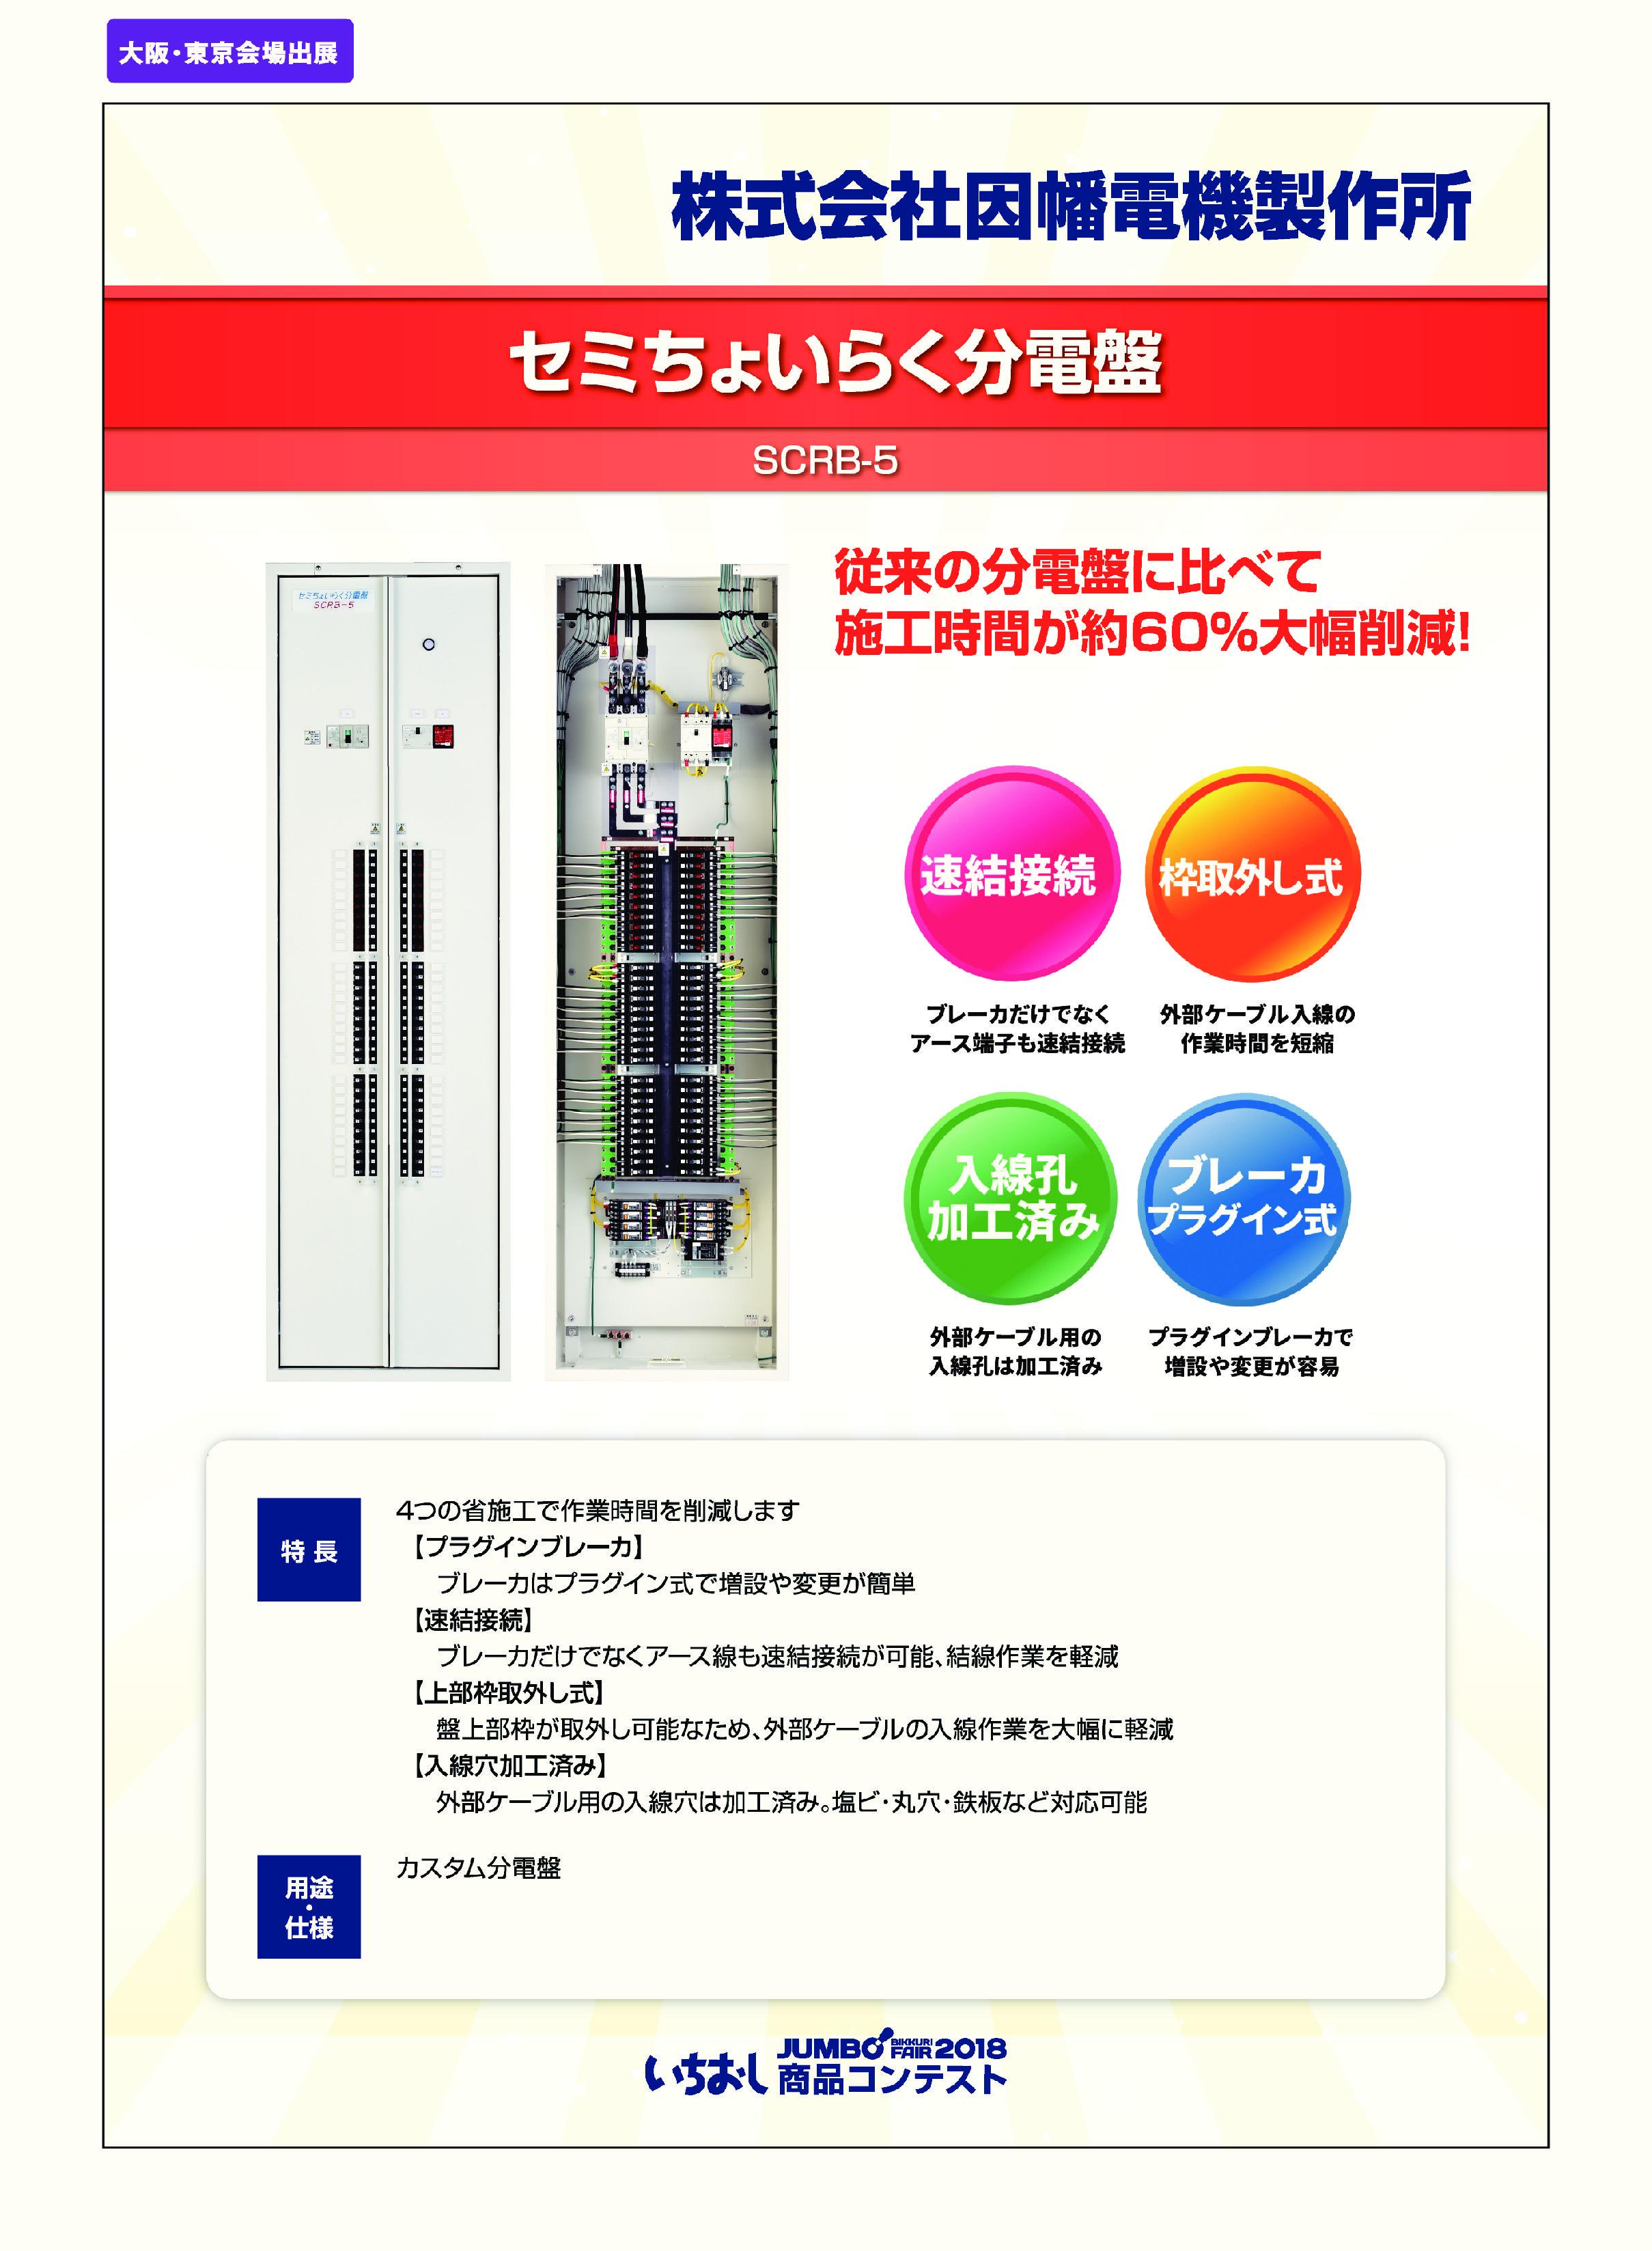 「セミちょいらく分電盤」株式会社因幡電機製作所の画像